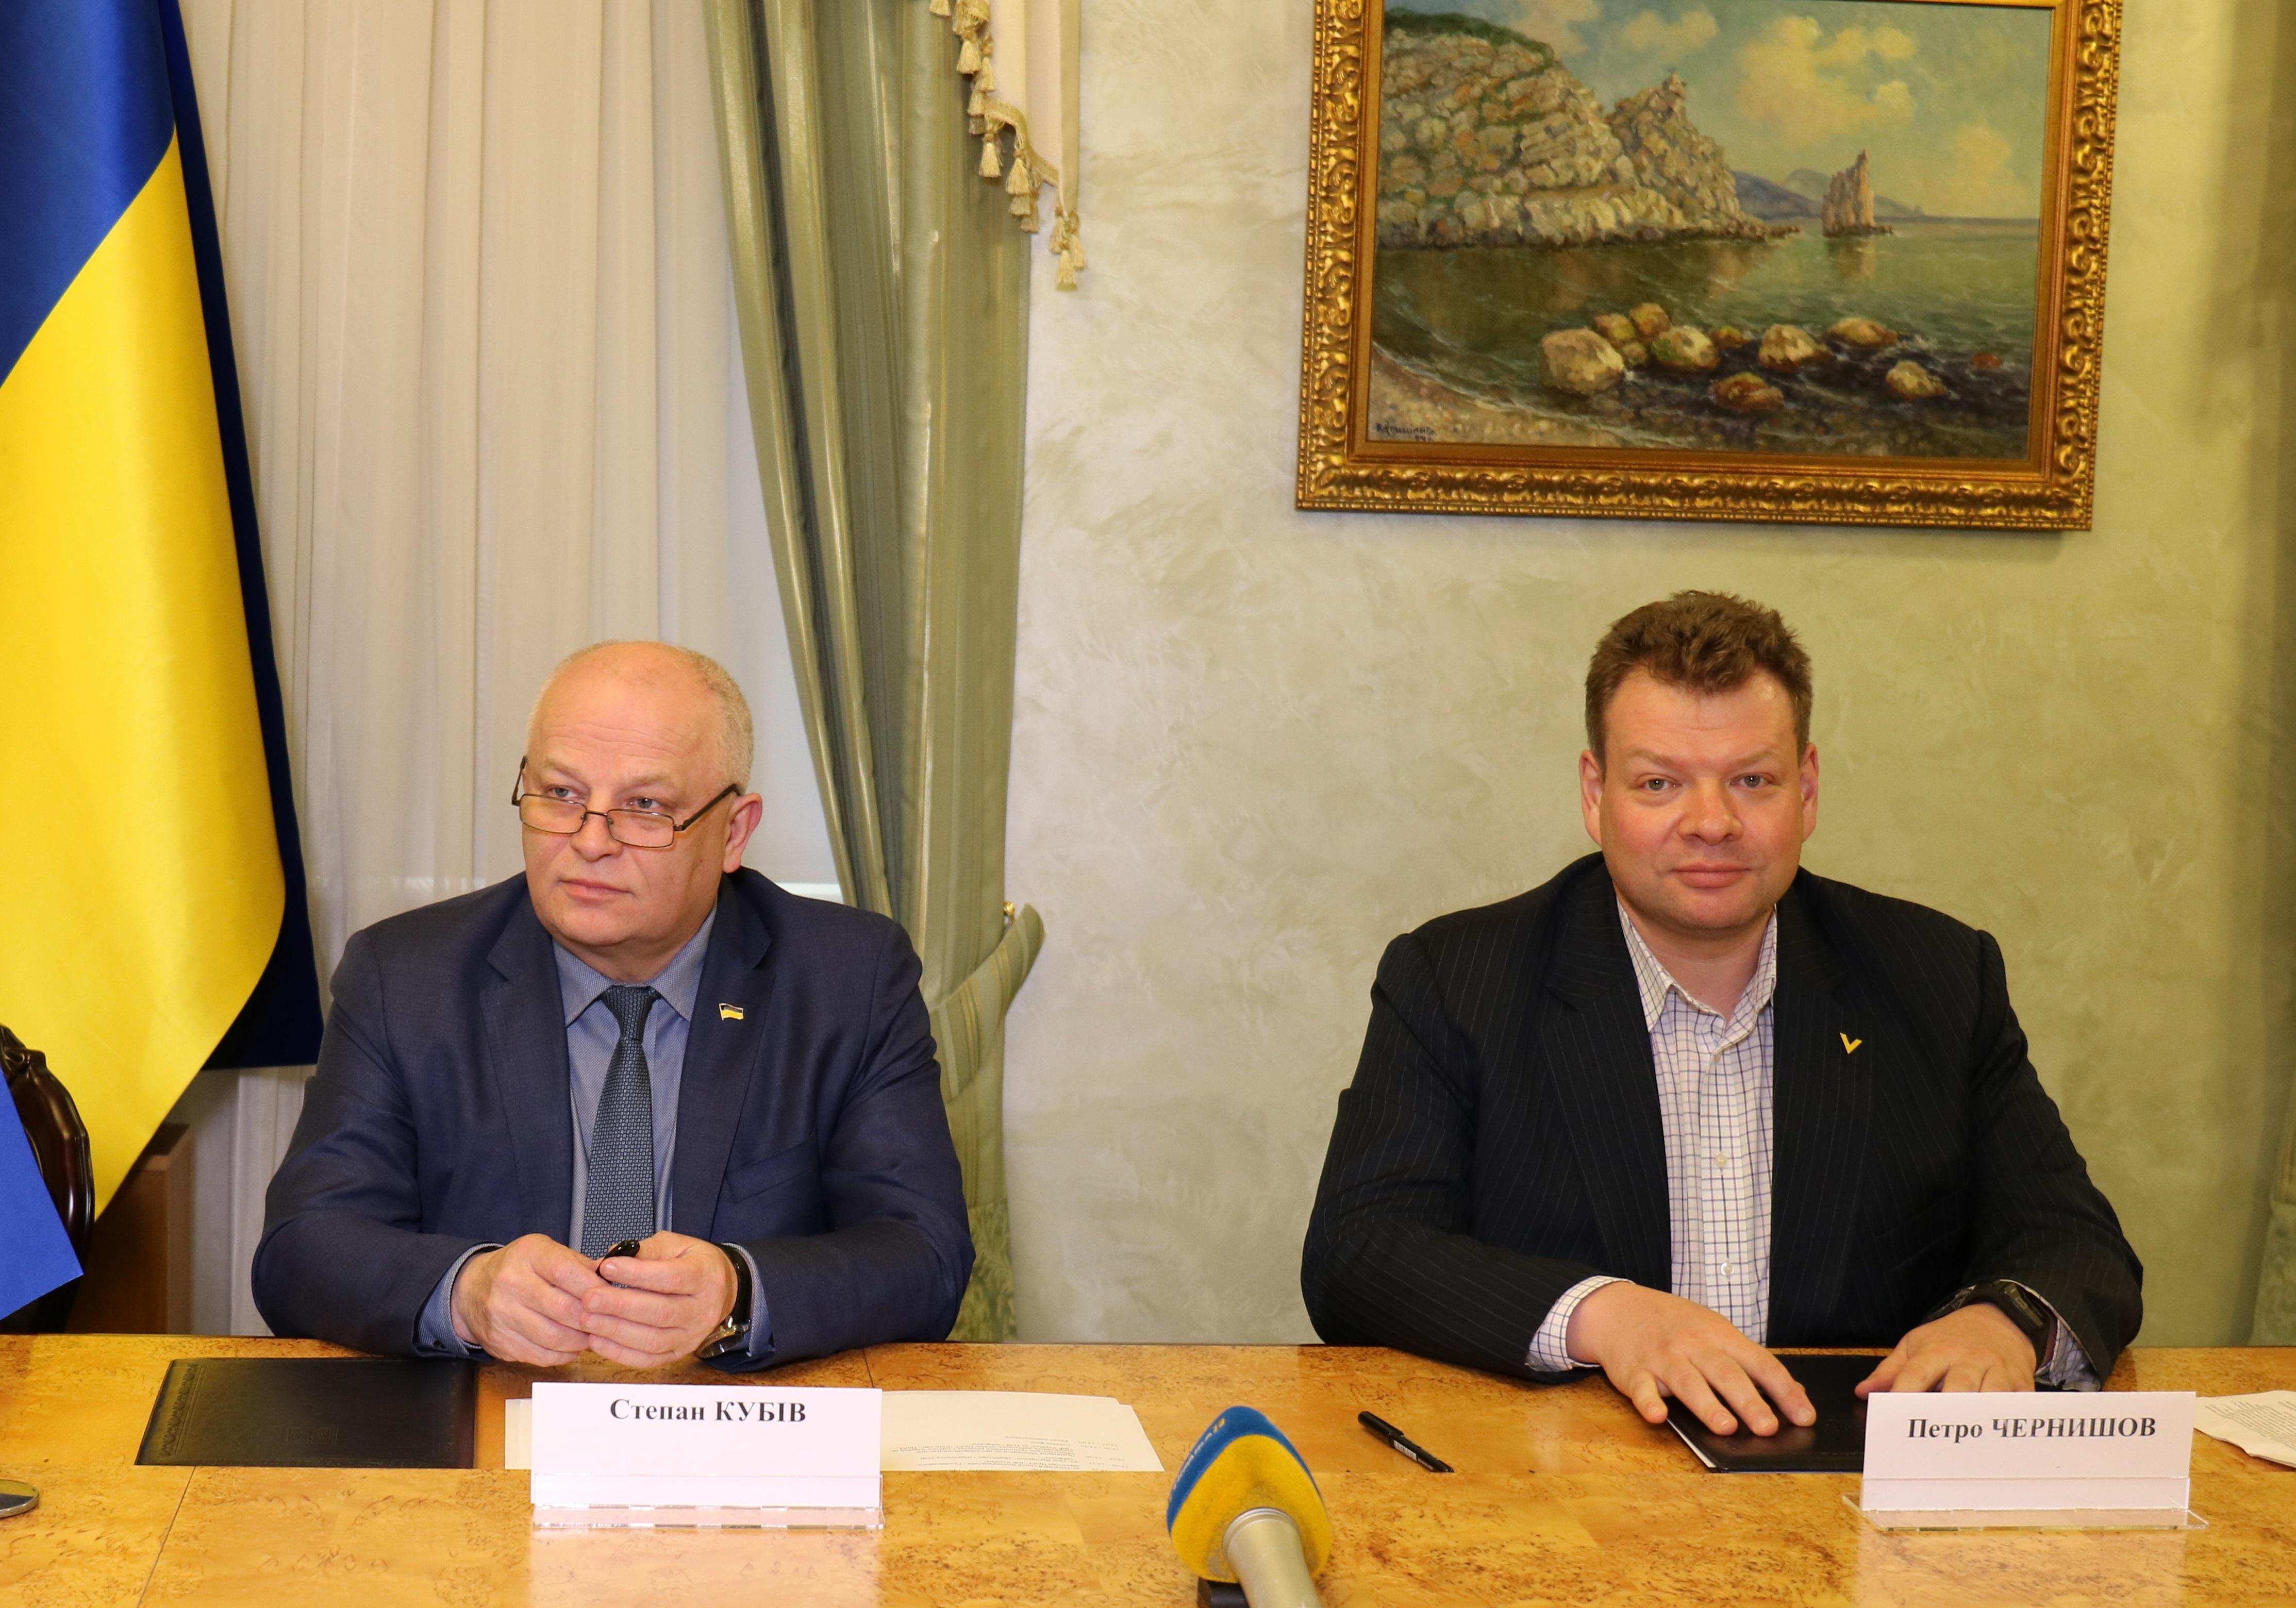 Київстар та Міністерство економічного розвитку та торгівлі України підписали Меморандум про співпрацю.